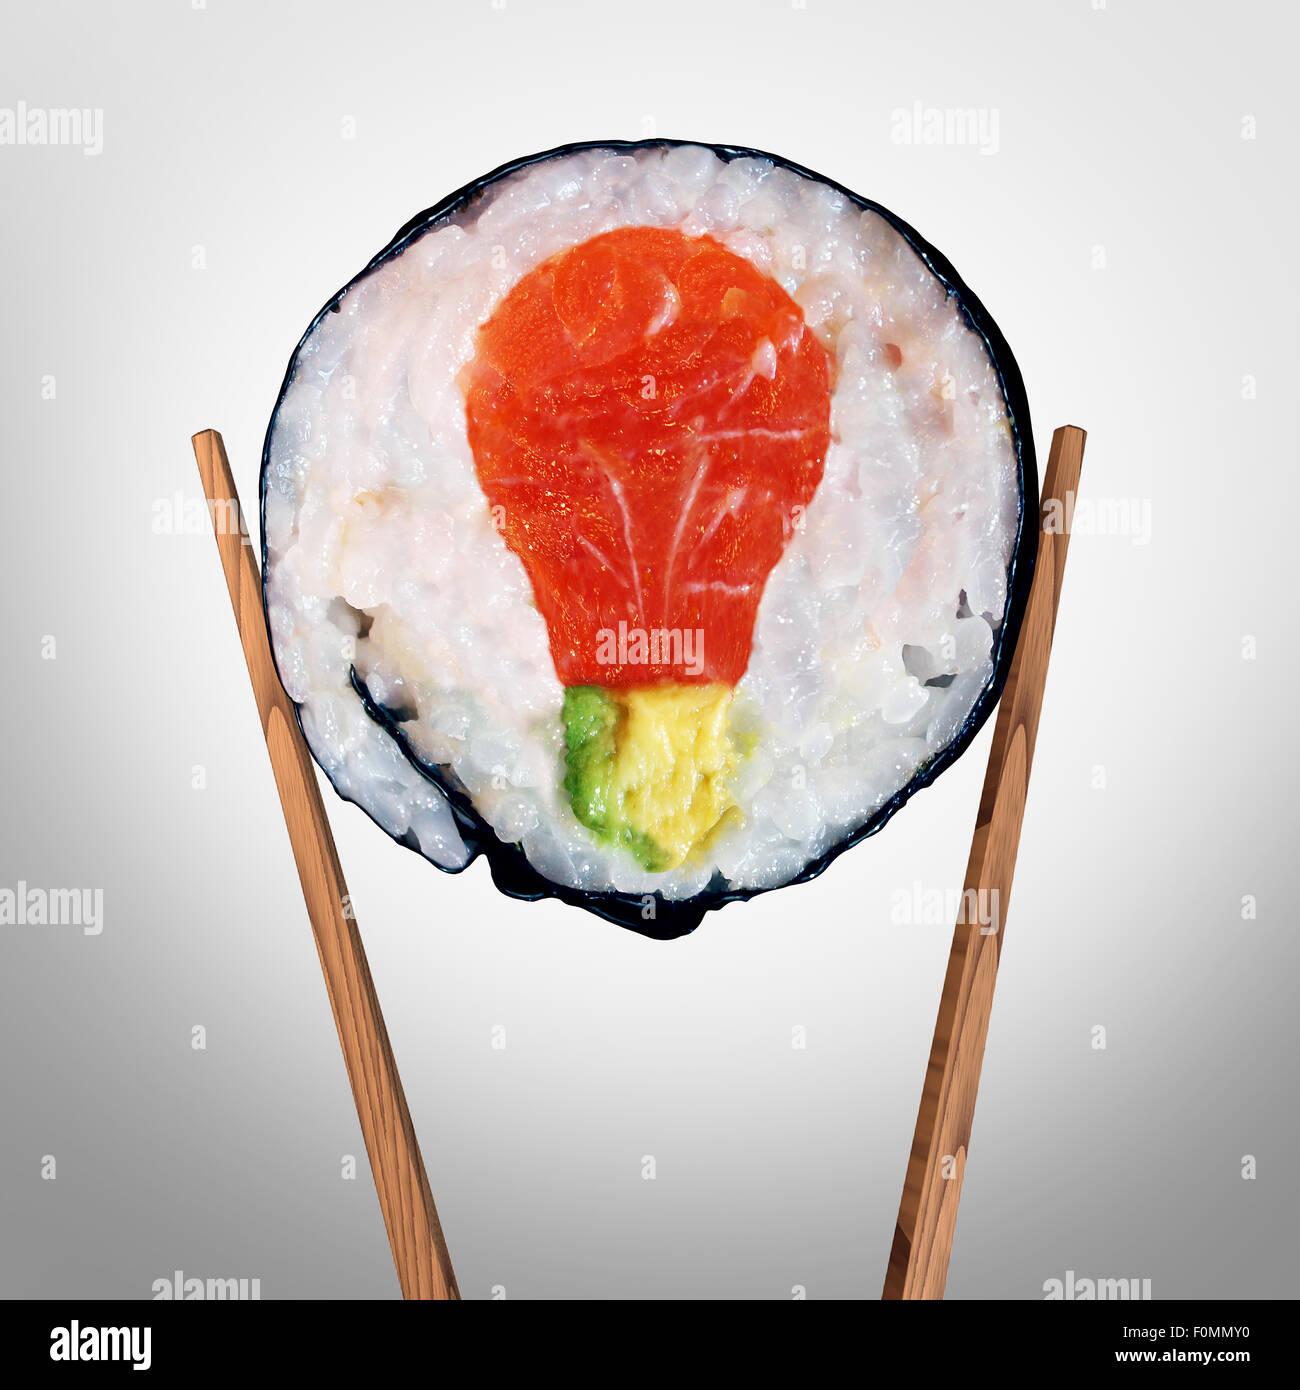 Idée Sushi et Japonais concept comme un sushi roll avec l'avocat et saumon cru façonné comme Photo Stock